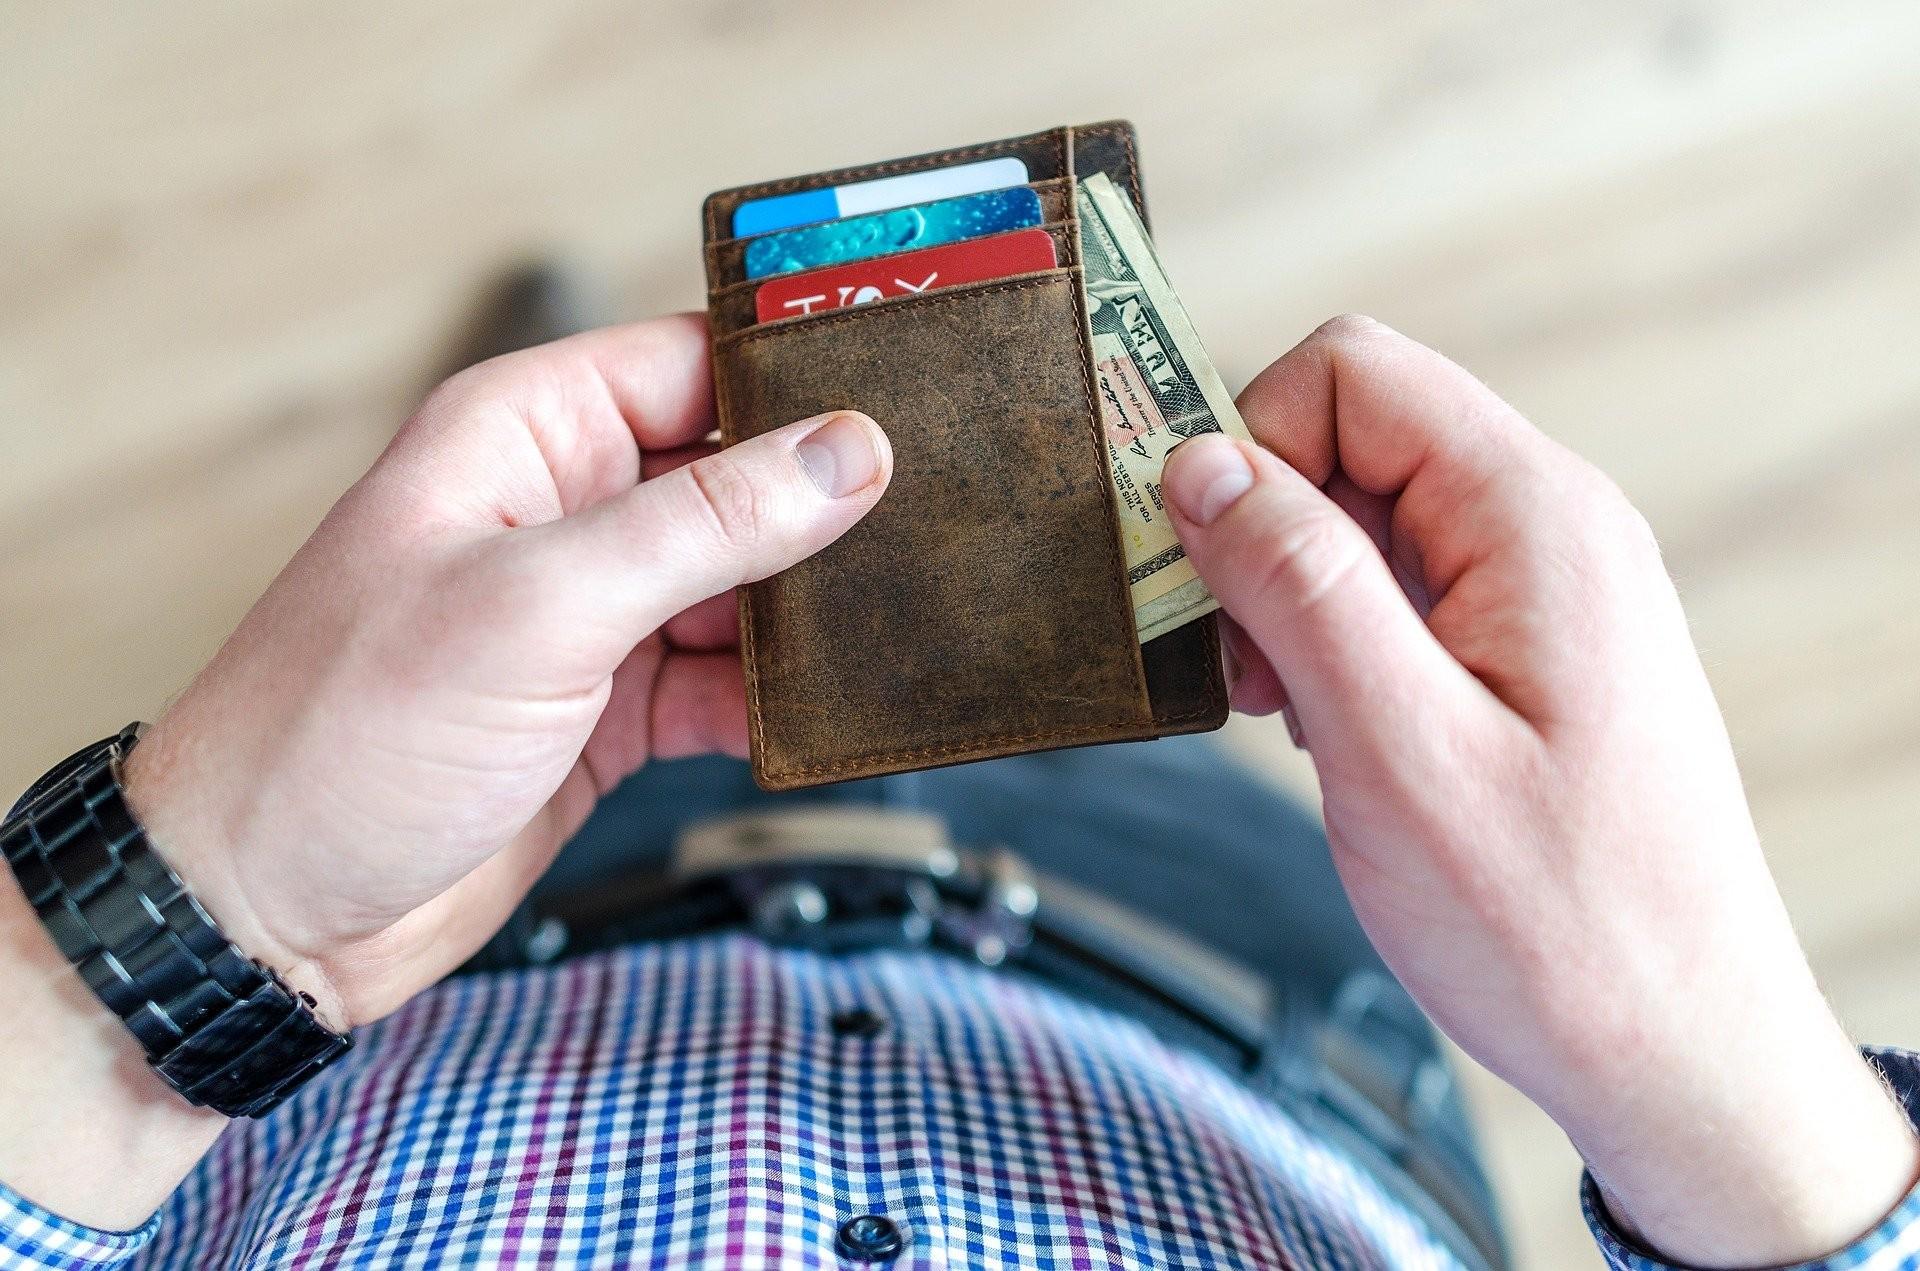 加州居民去年因诈骗损失金额超过6.21亿美元